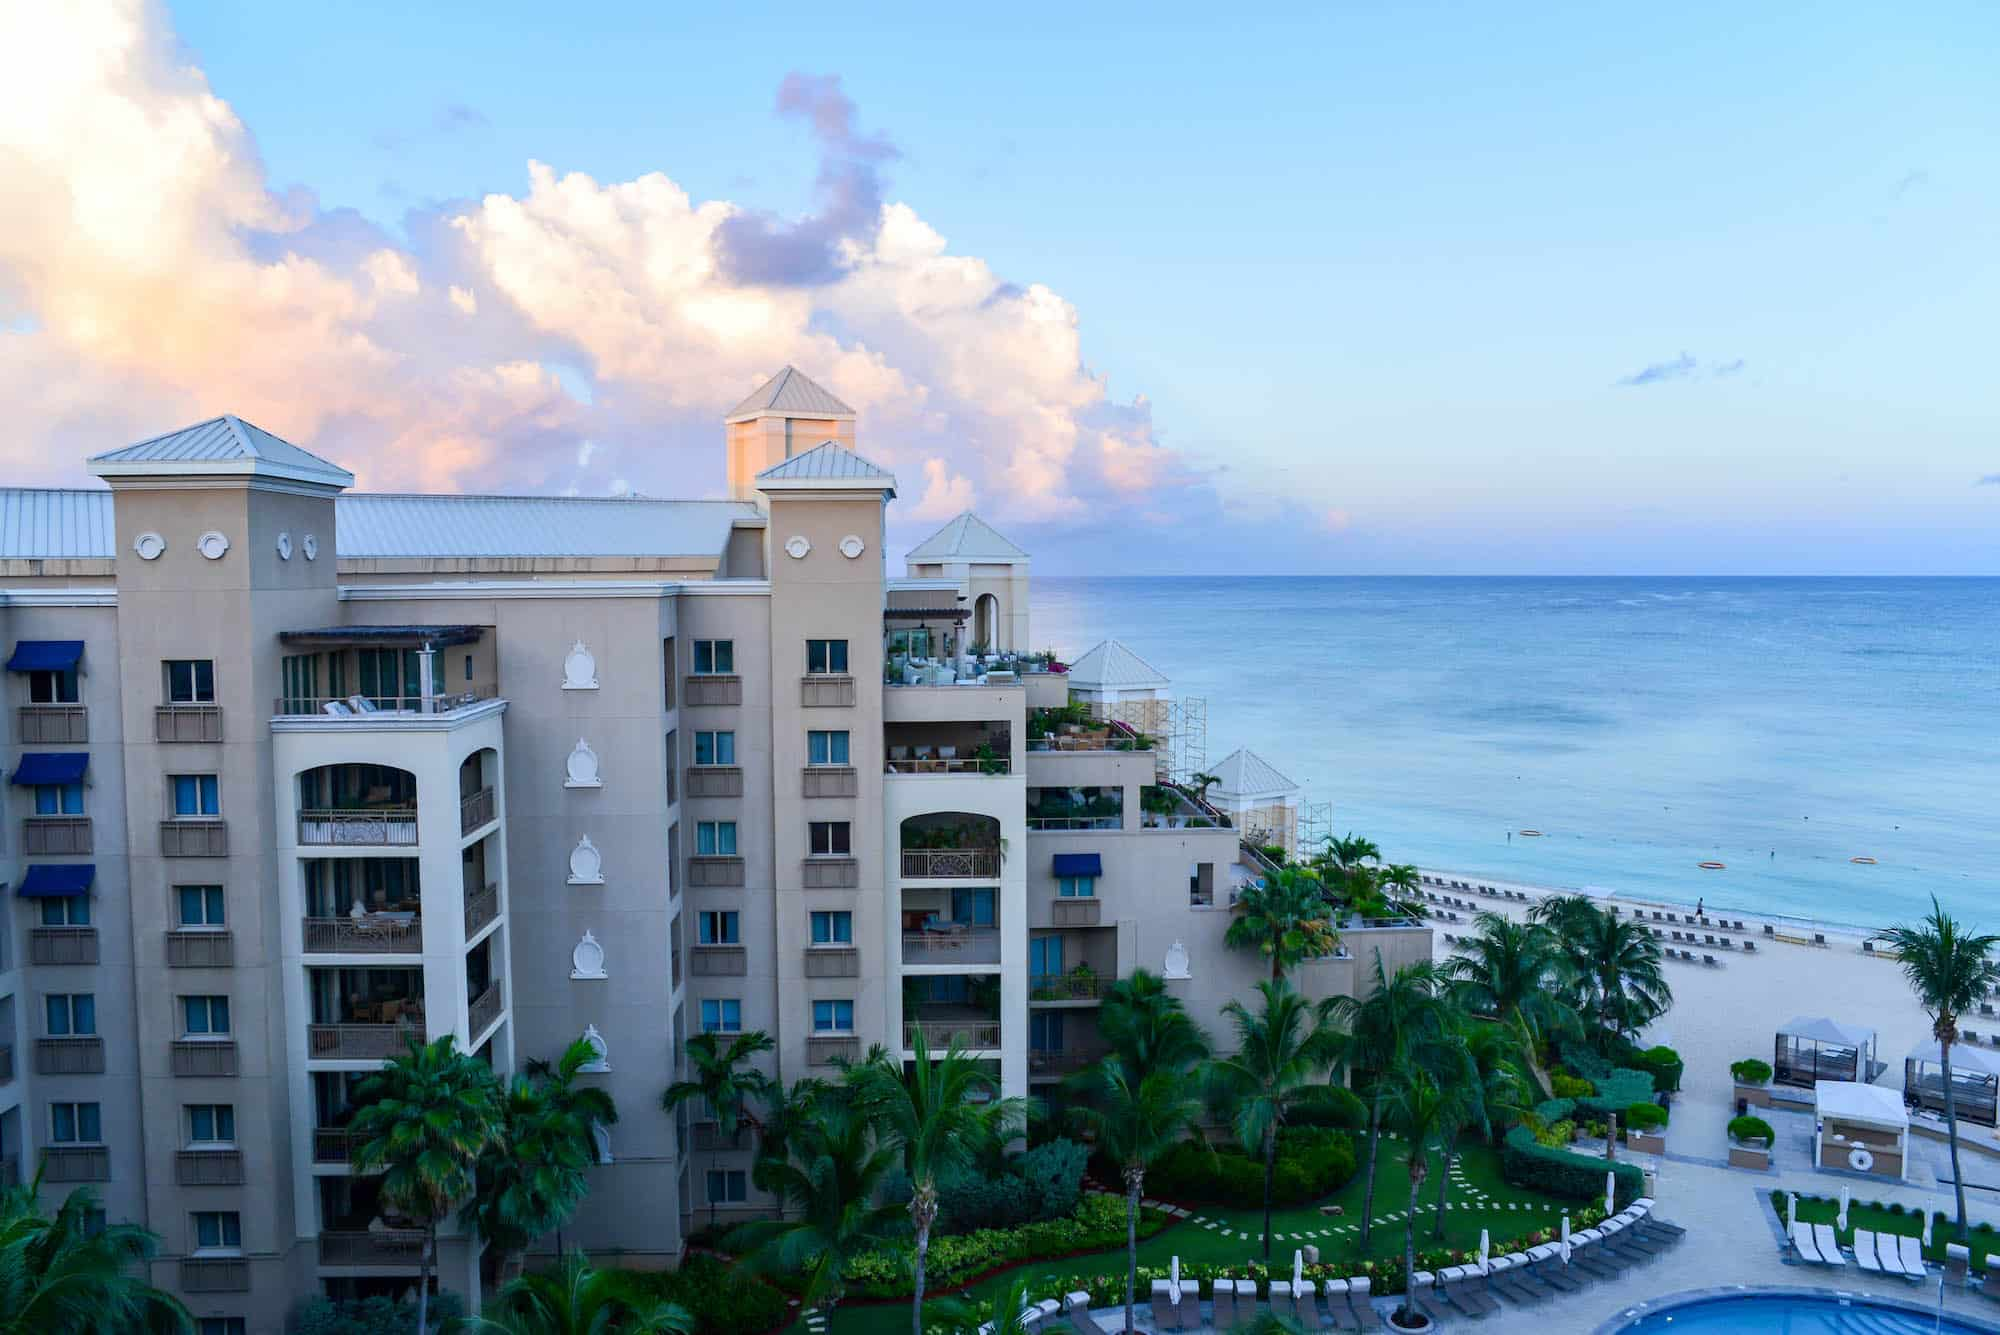 Ritz-Carlton Grand Cayman Beach